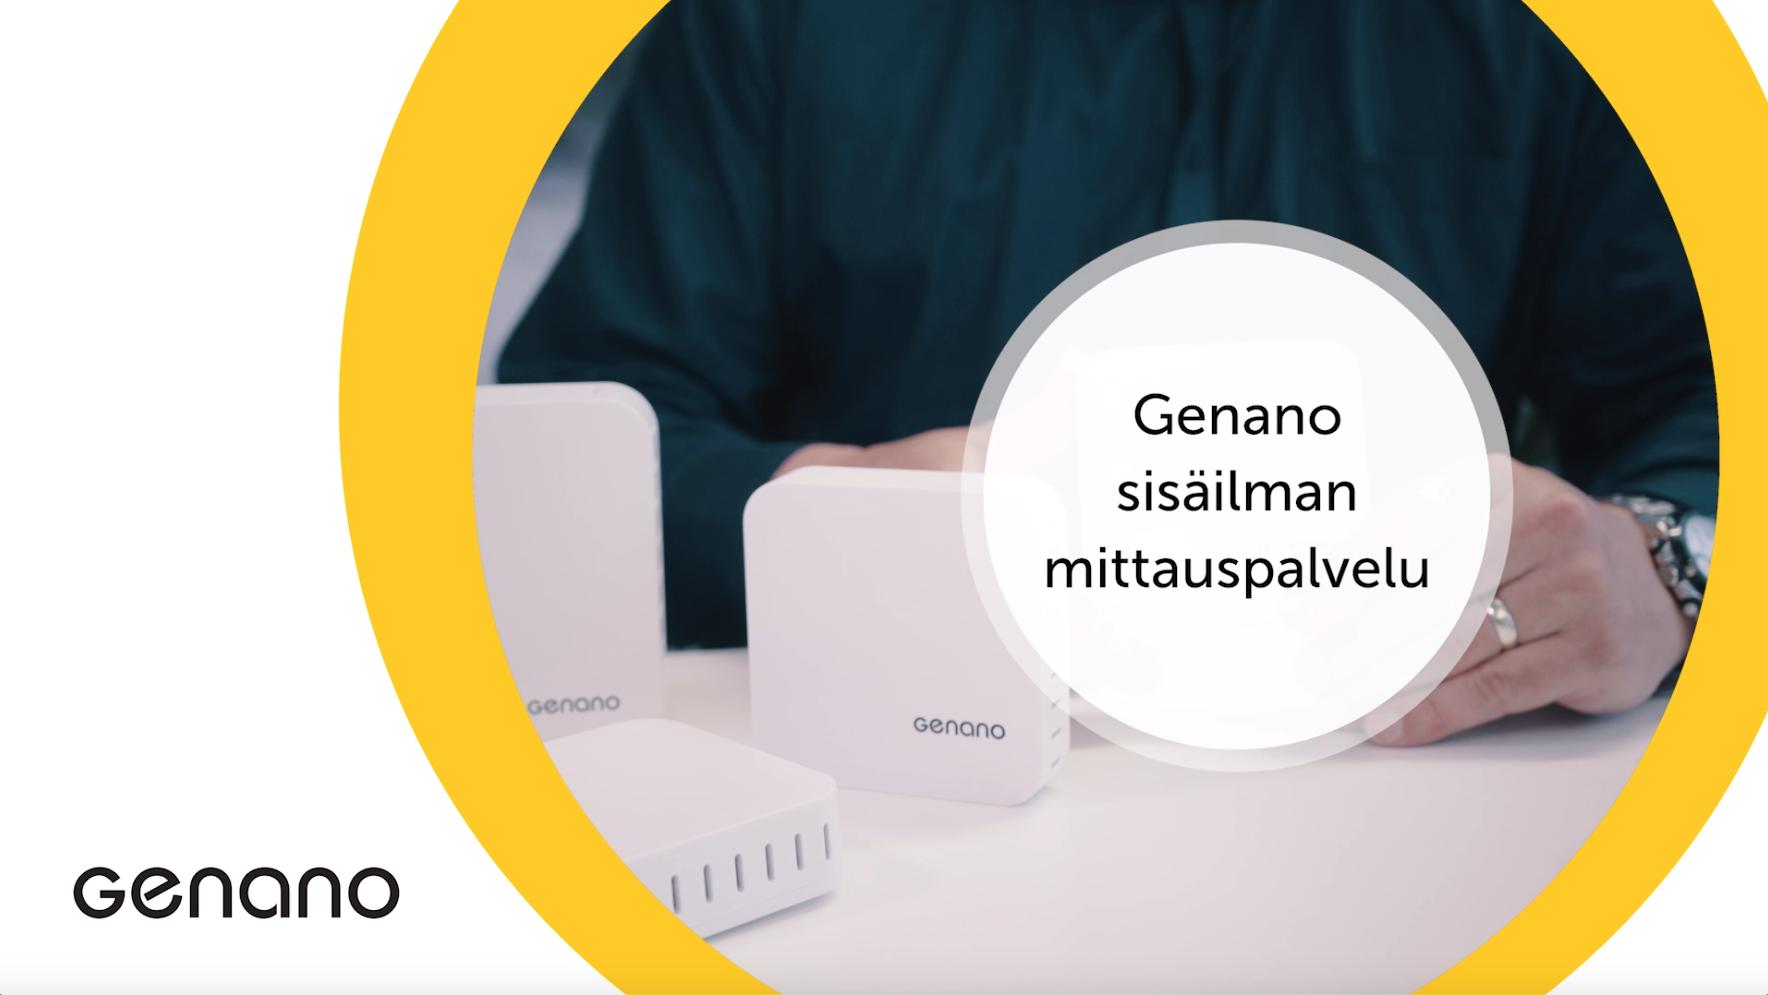 genano-sisäilmapalvelut_video1_FI_HD